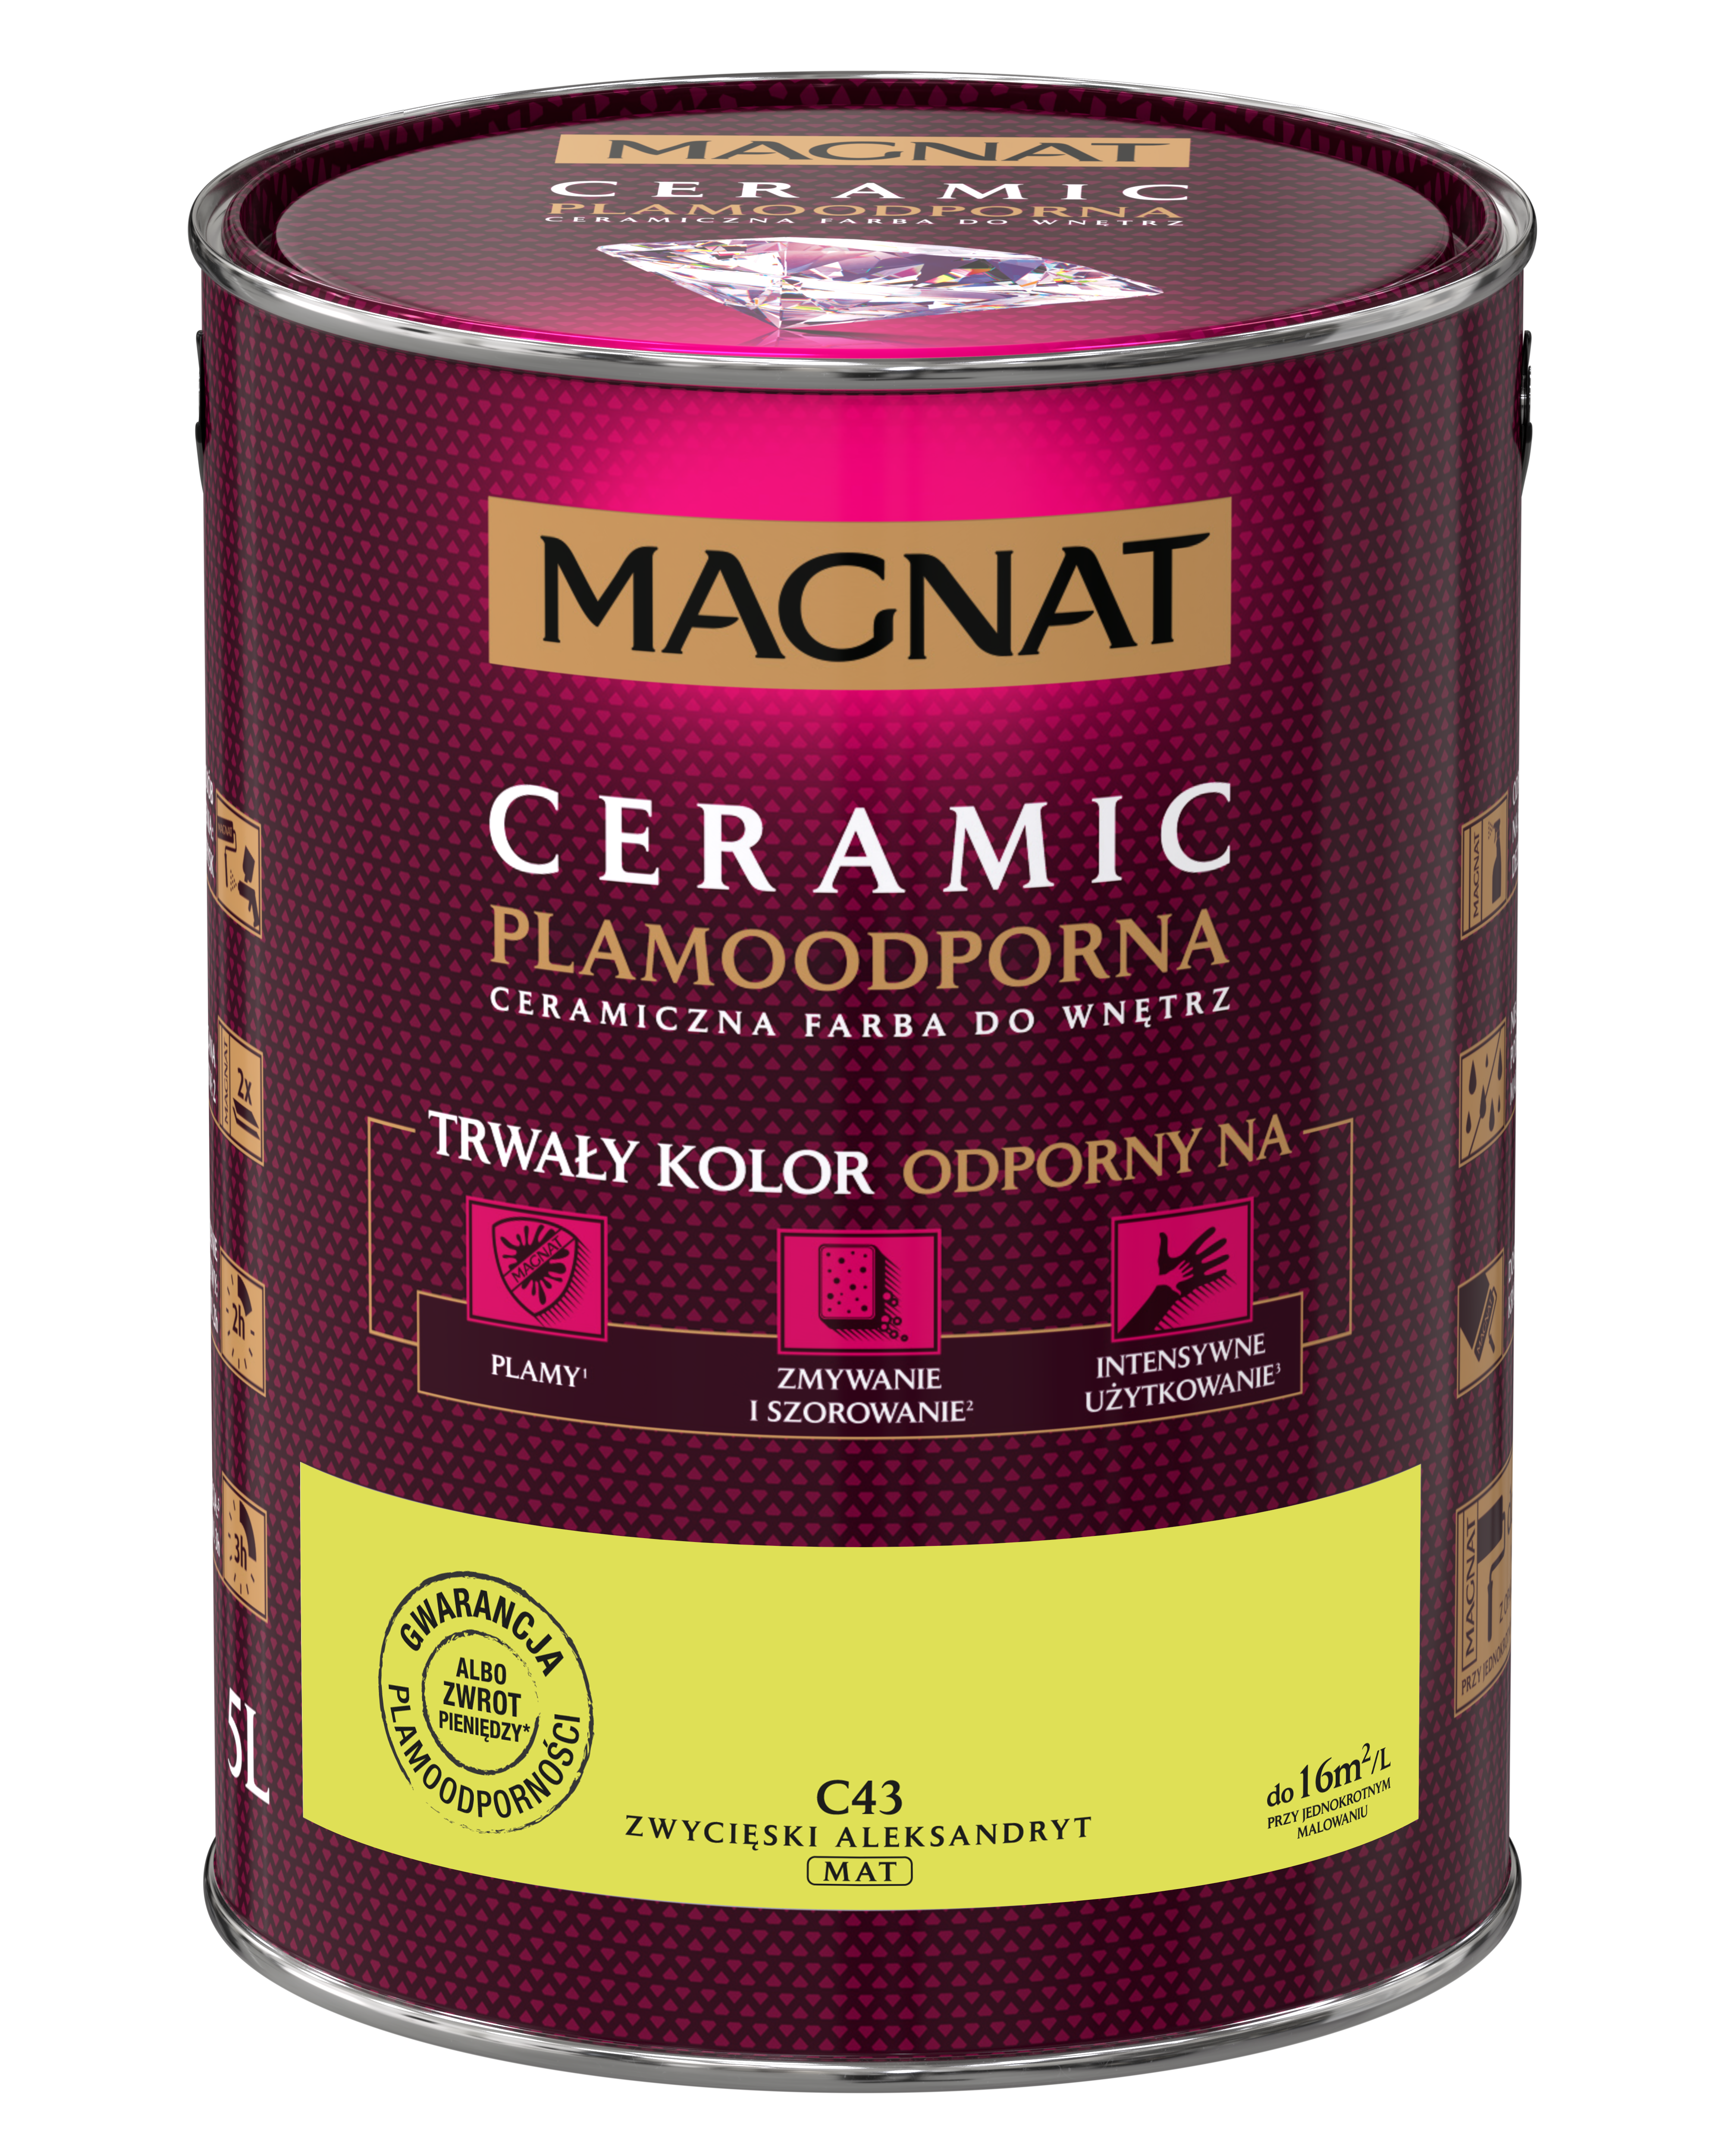 MAGNAT Ceramic C43 vítězný alexandrit  5L  §